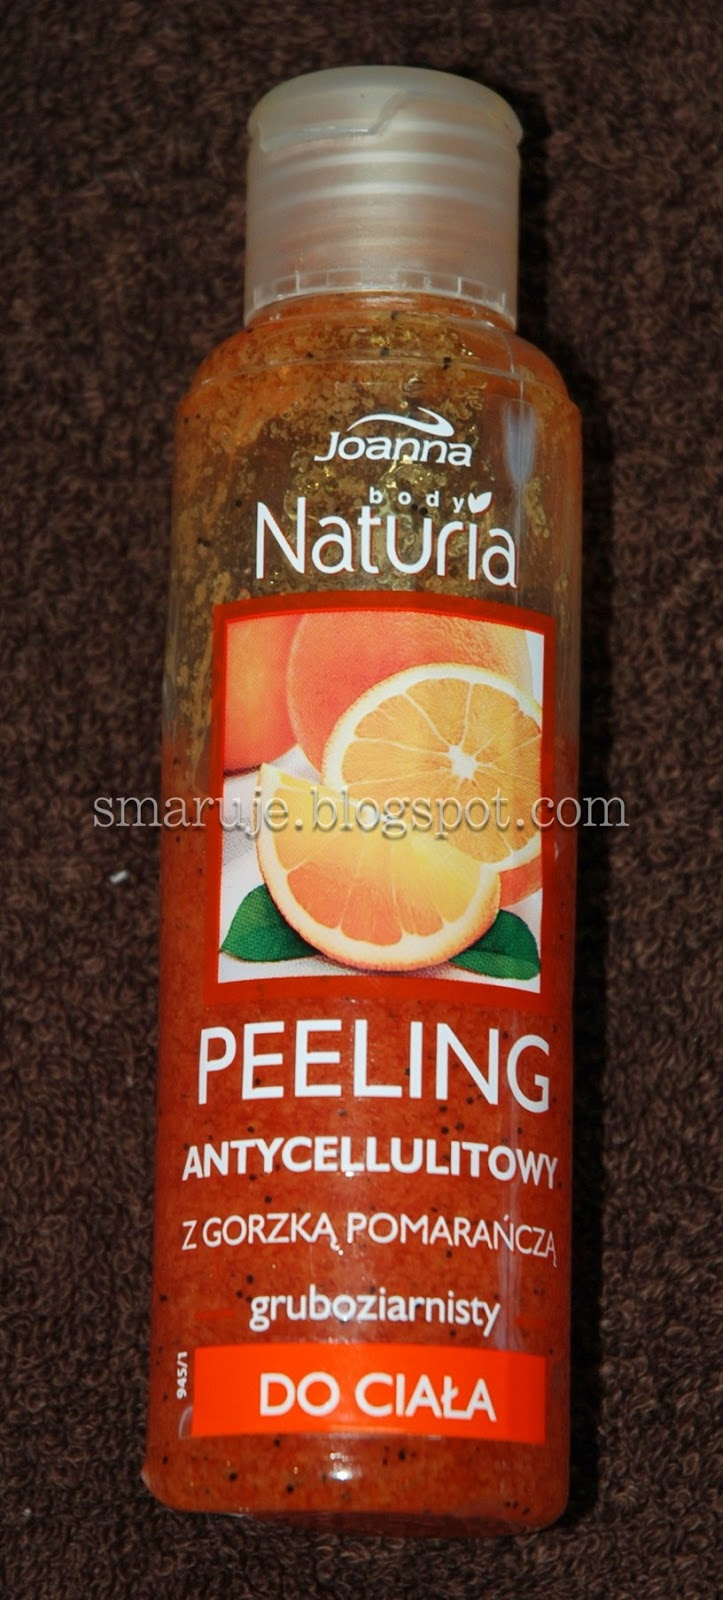 Joanna / Naturia – Peeling antycellulitowy gruboziarnisty – gorzka pomarańcza [recenzja]